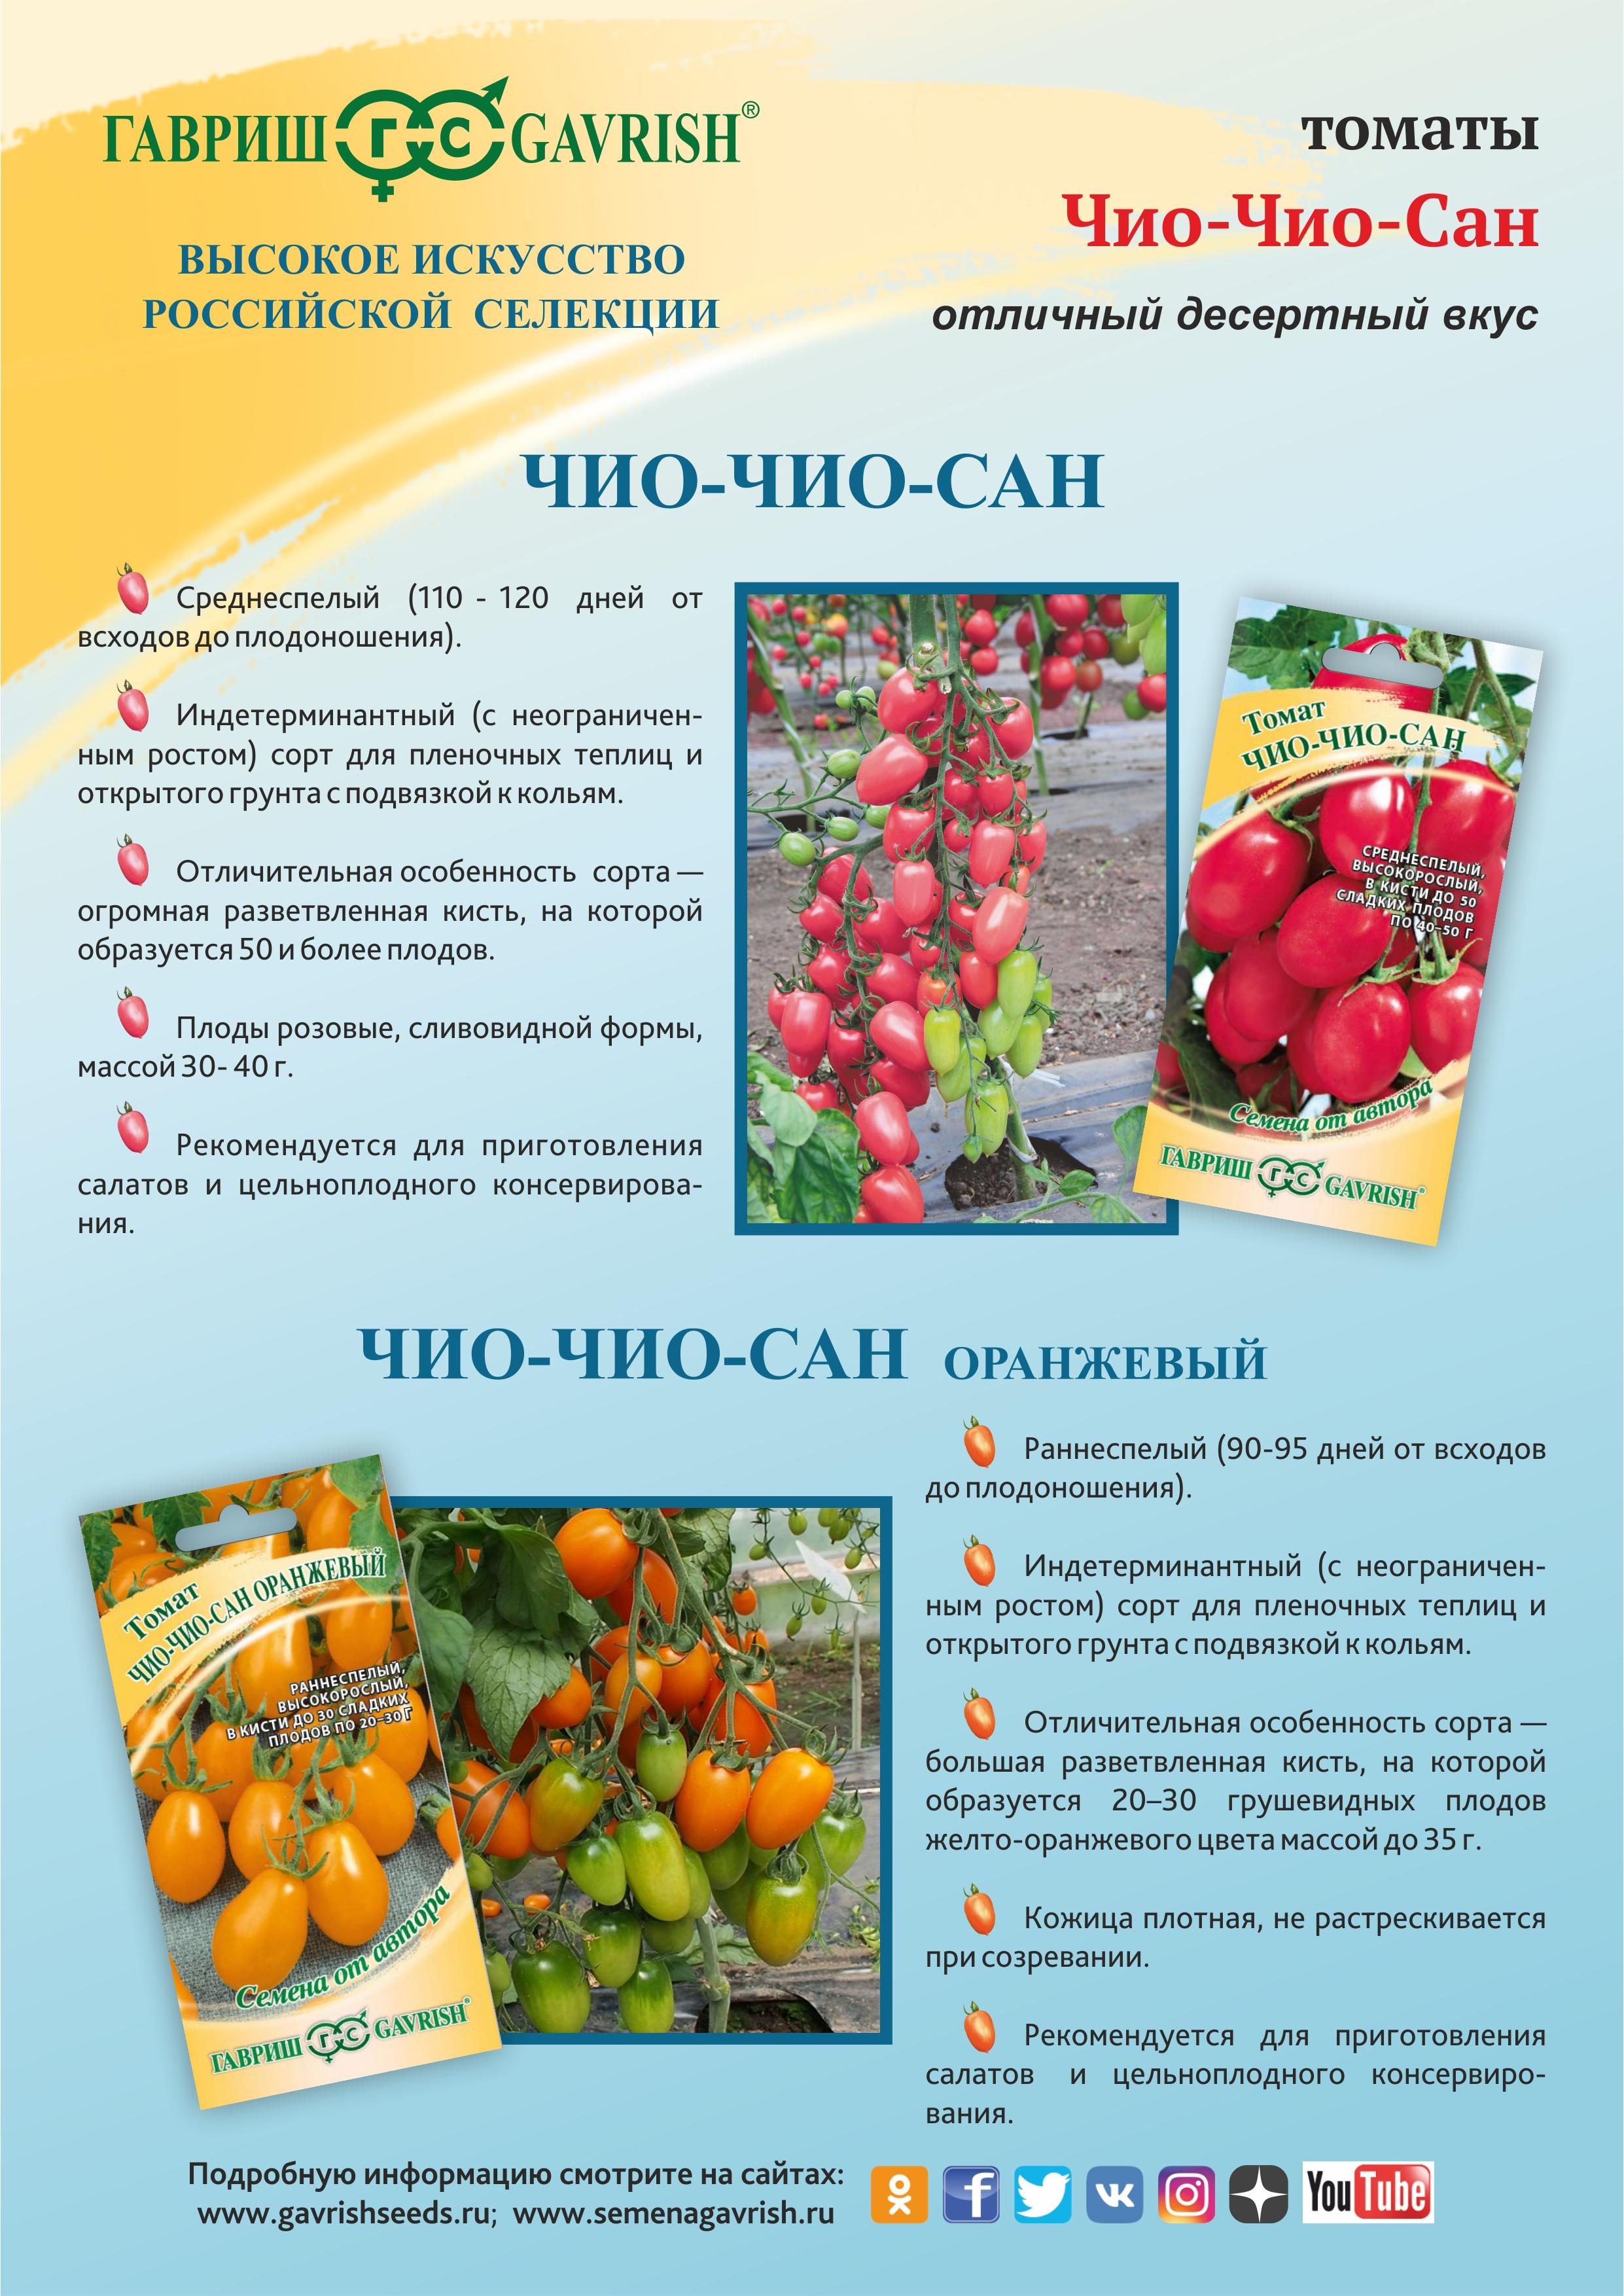 Томат чио чио сан: описание сорта, отзывы, фото, урожайность | tomatland.ru